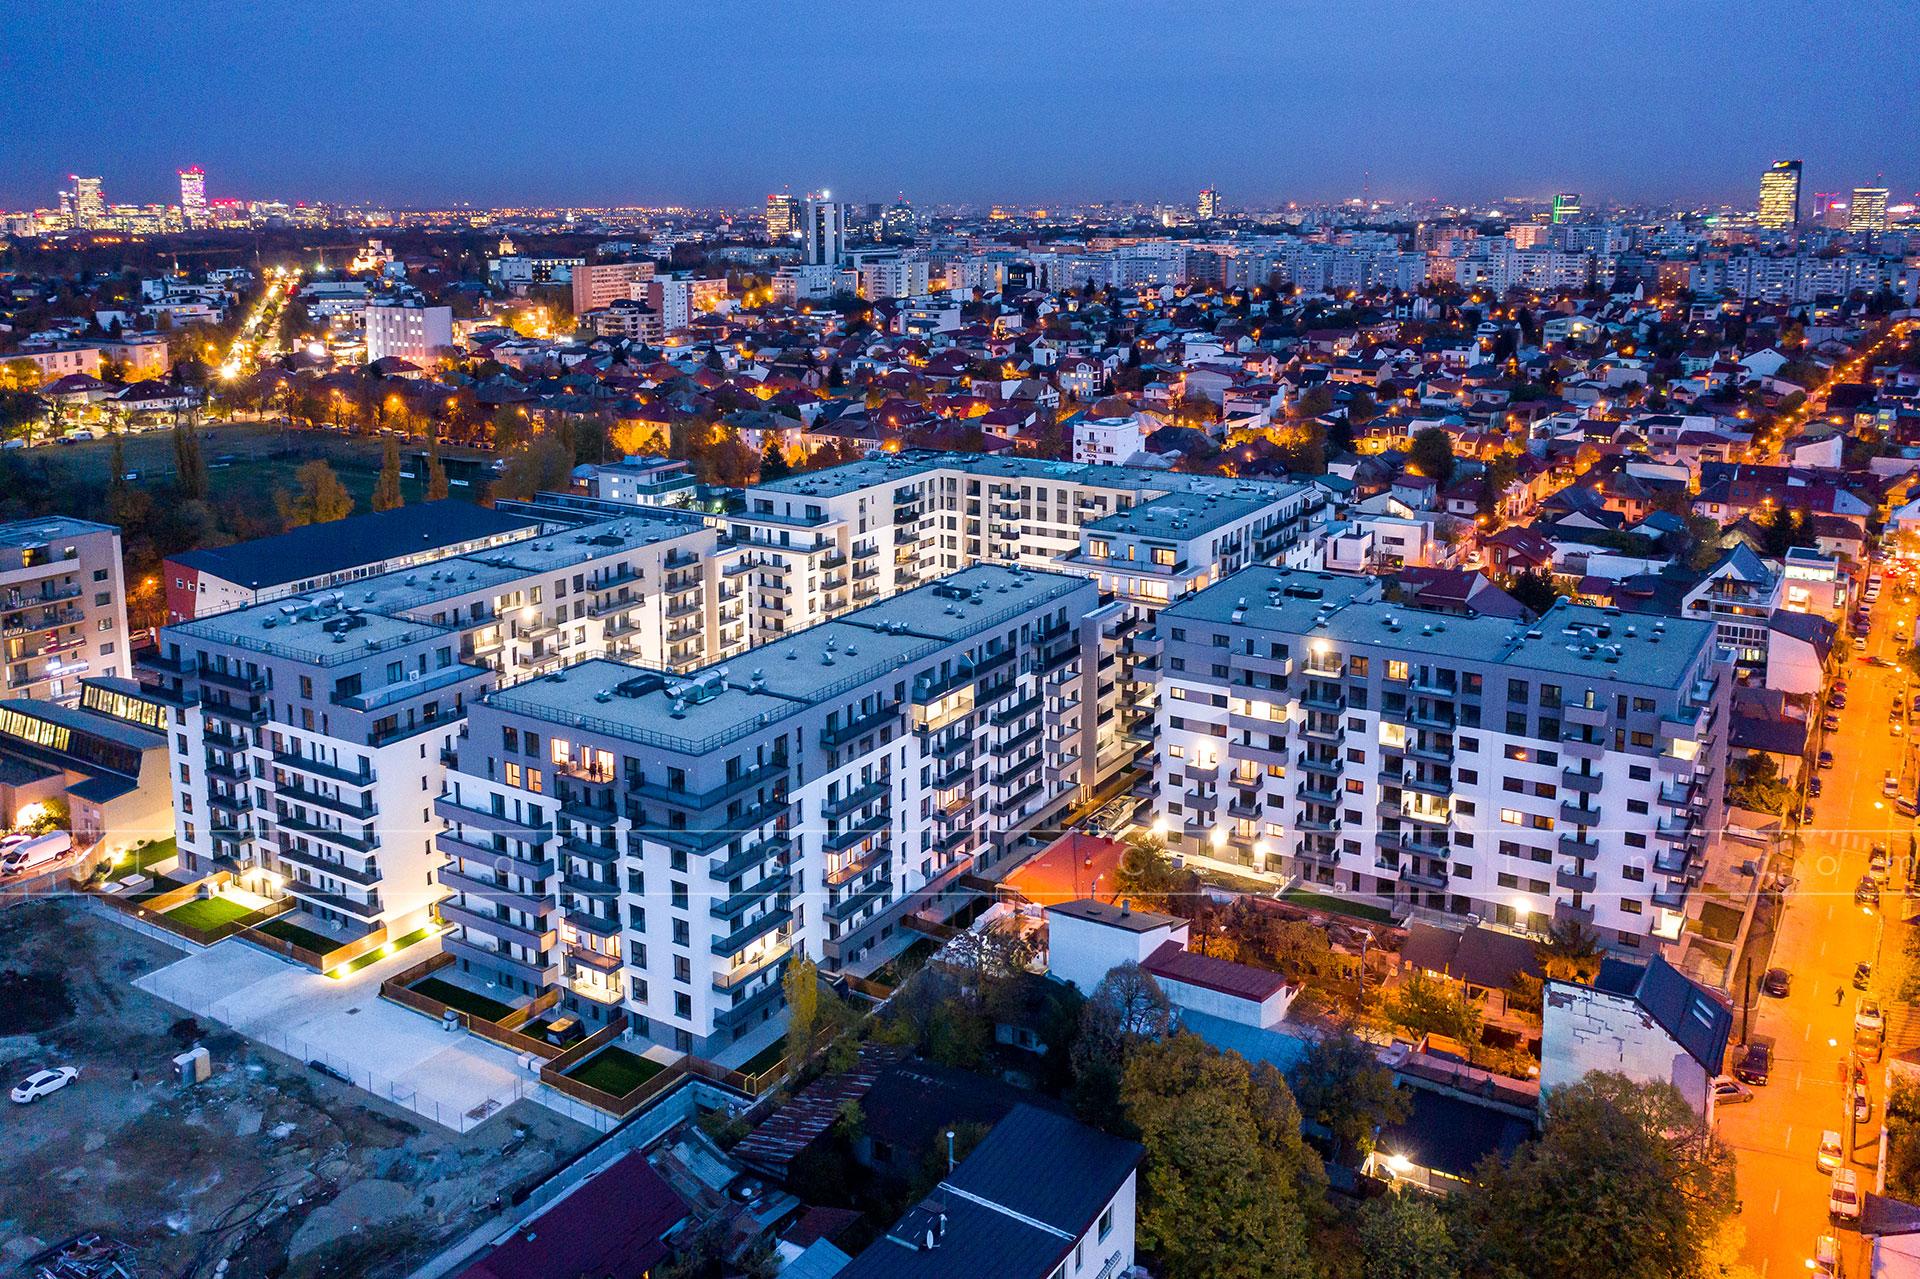 Fotografii profesionale pentru ansambluri imobiliare